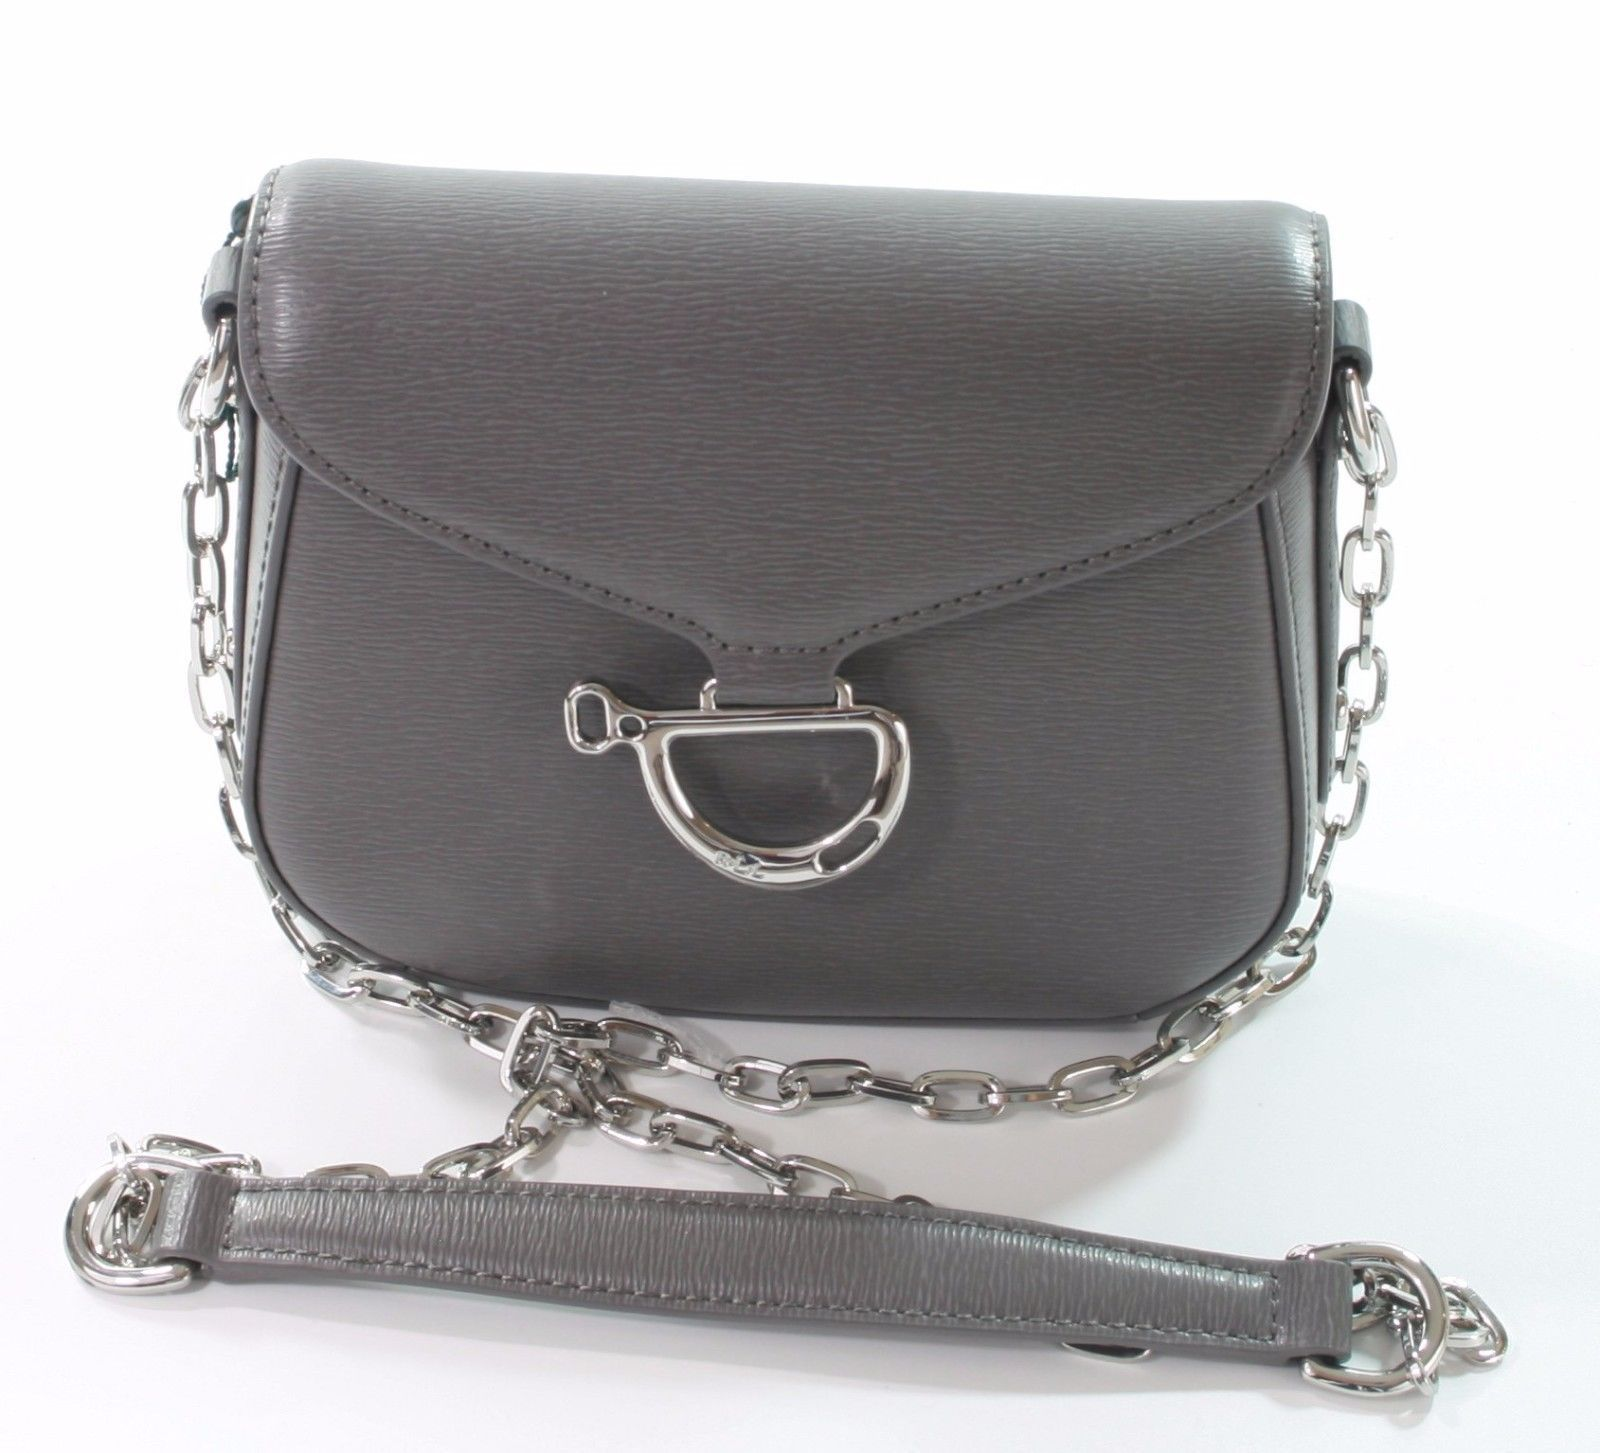 Ralph Lauren Newbury Grey Equestrian Mini Shoulder Bag Small Handbag - $202.86